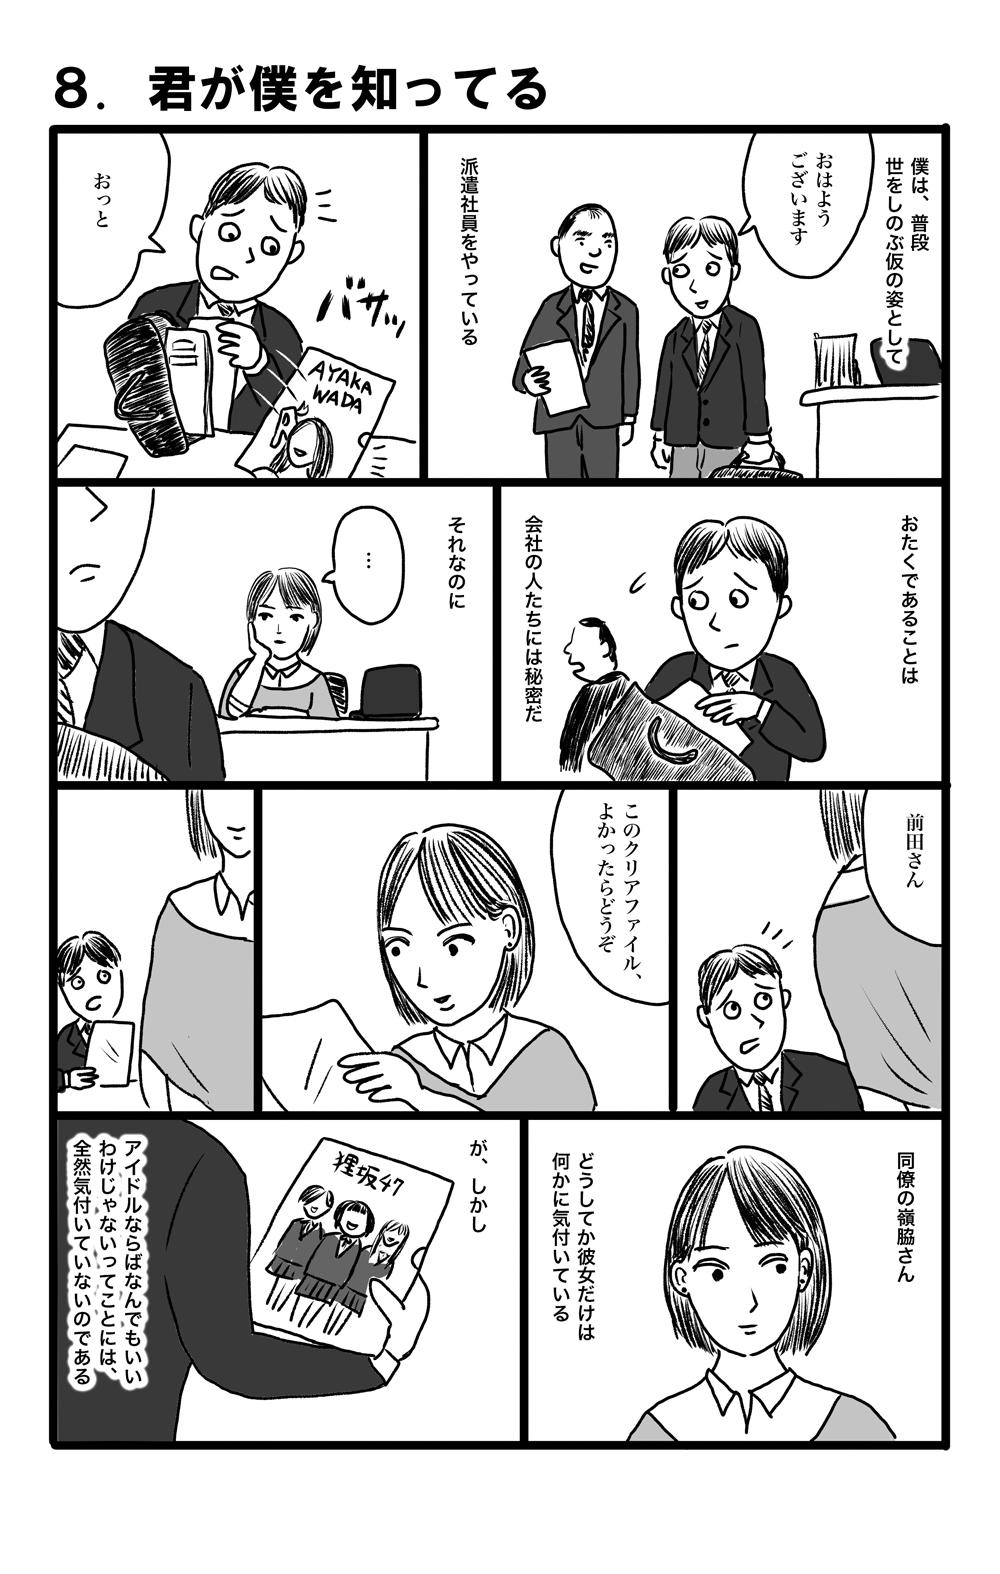 tsurugi-mikito-008